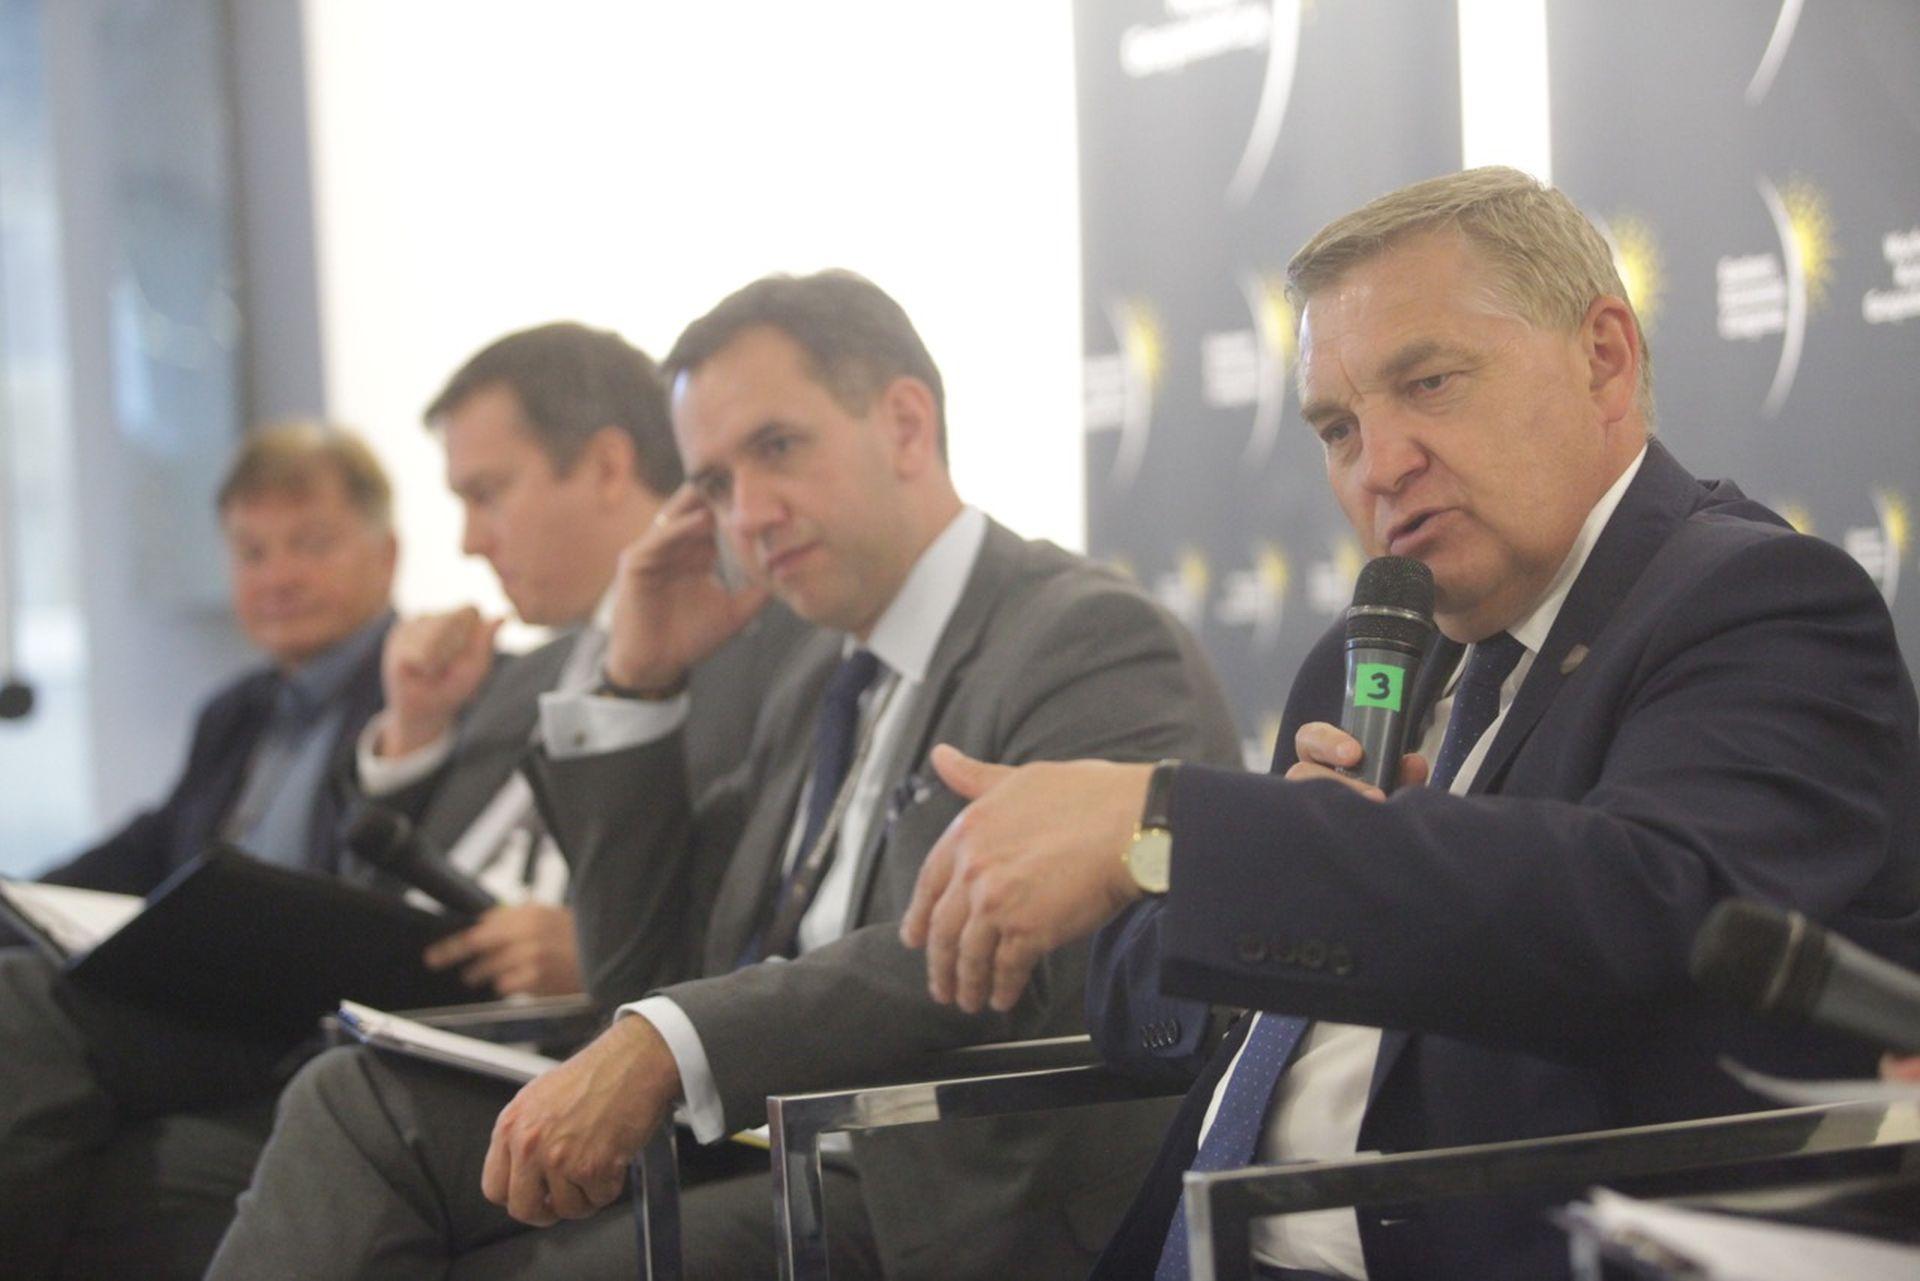 Prezydent Białegostoku, Tadeusz Truskolaski przyznaje, że w najbliższych latach nie ma co marzyć o lotnisku regionalnym w stolicy Podlasia.Fot. PTWP